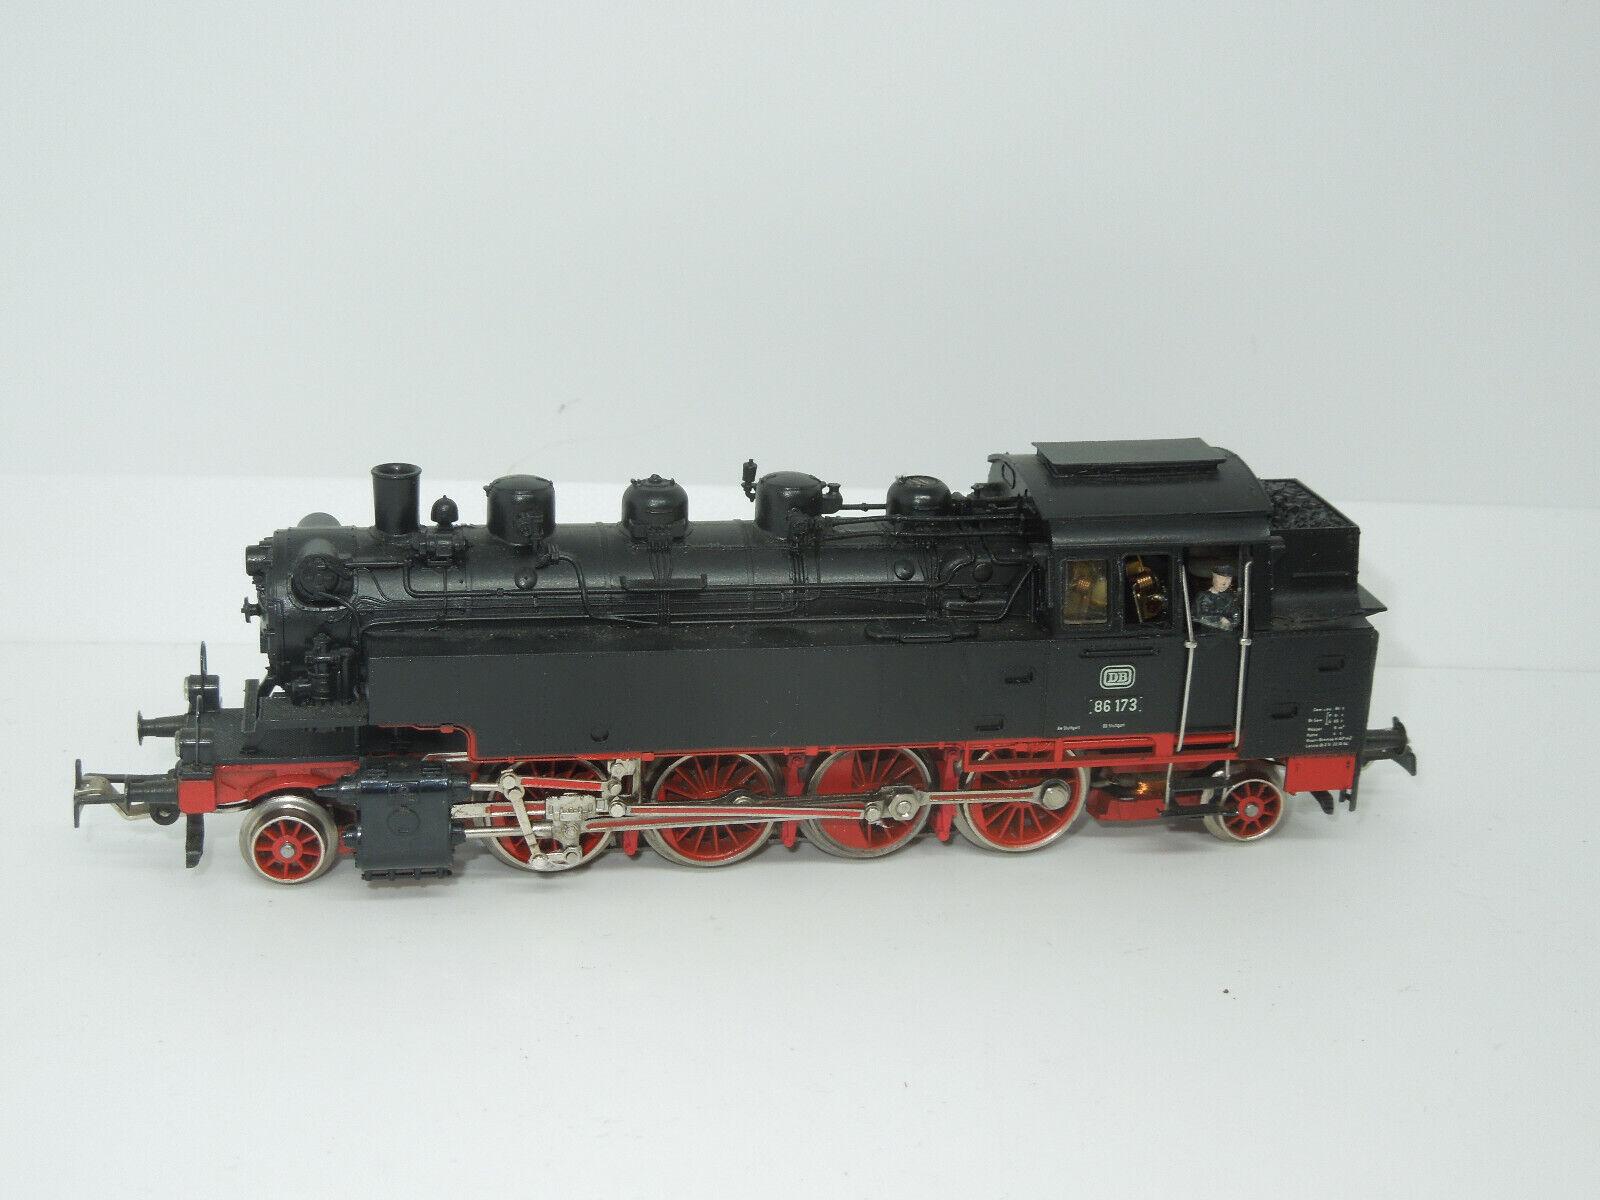 Märklin h0 3096 máquina de vapor br 86 173 de la DB con télex embragues